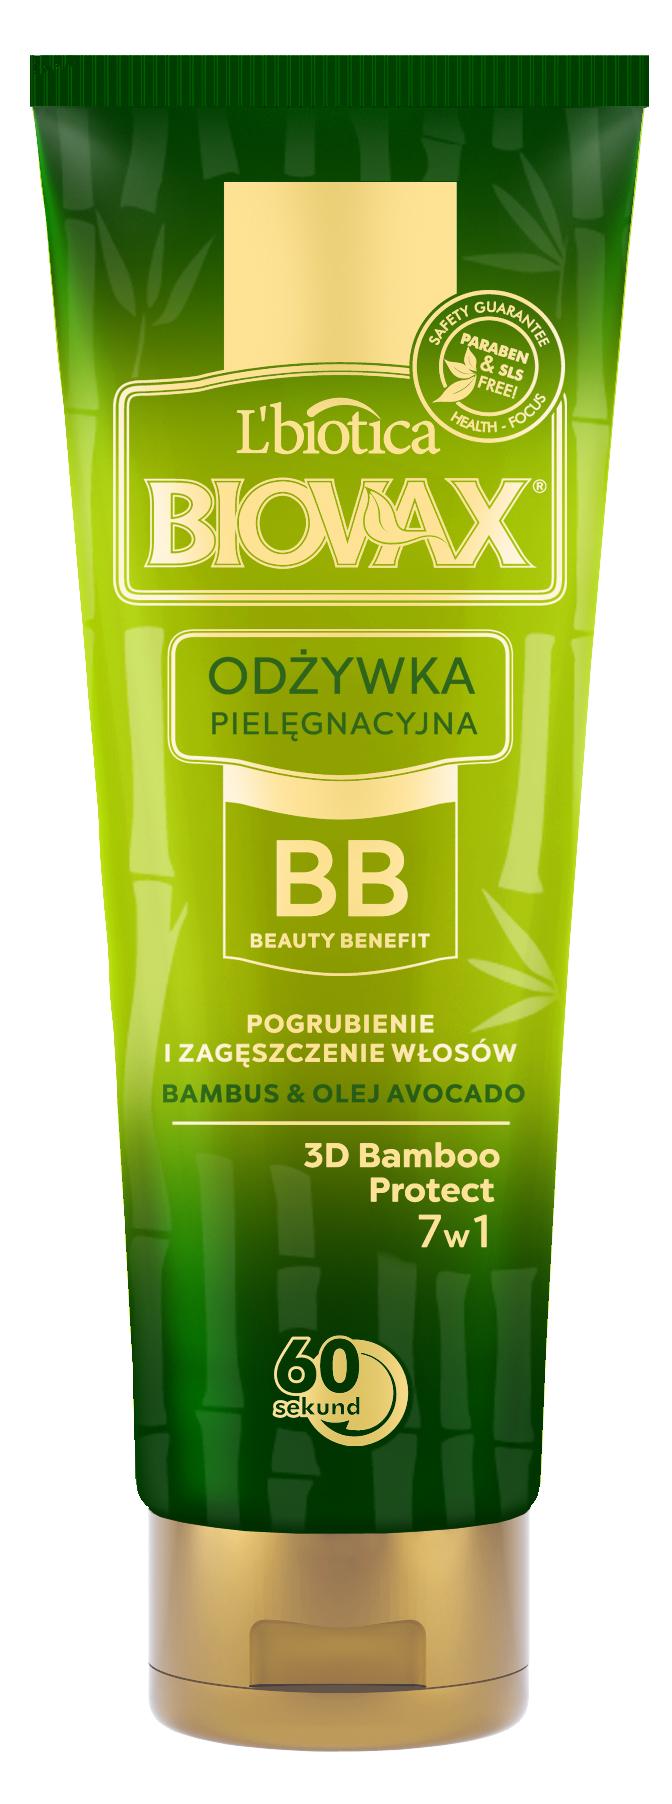 Biovax_BB_odzywka_do_wlosow_bambus_avocado